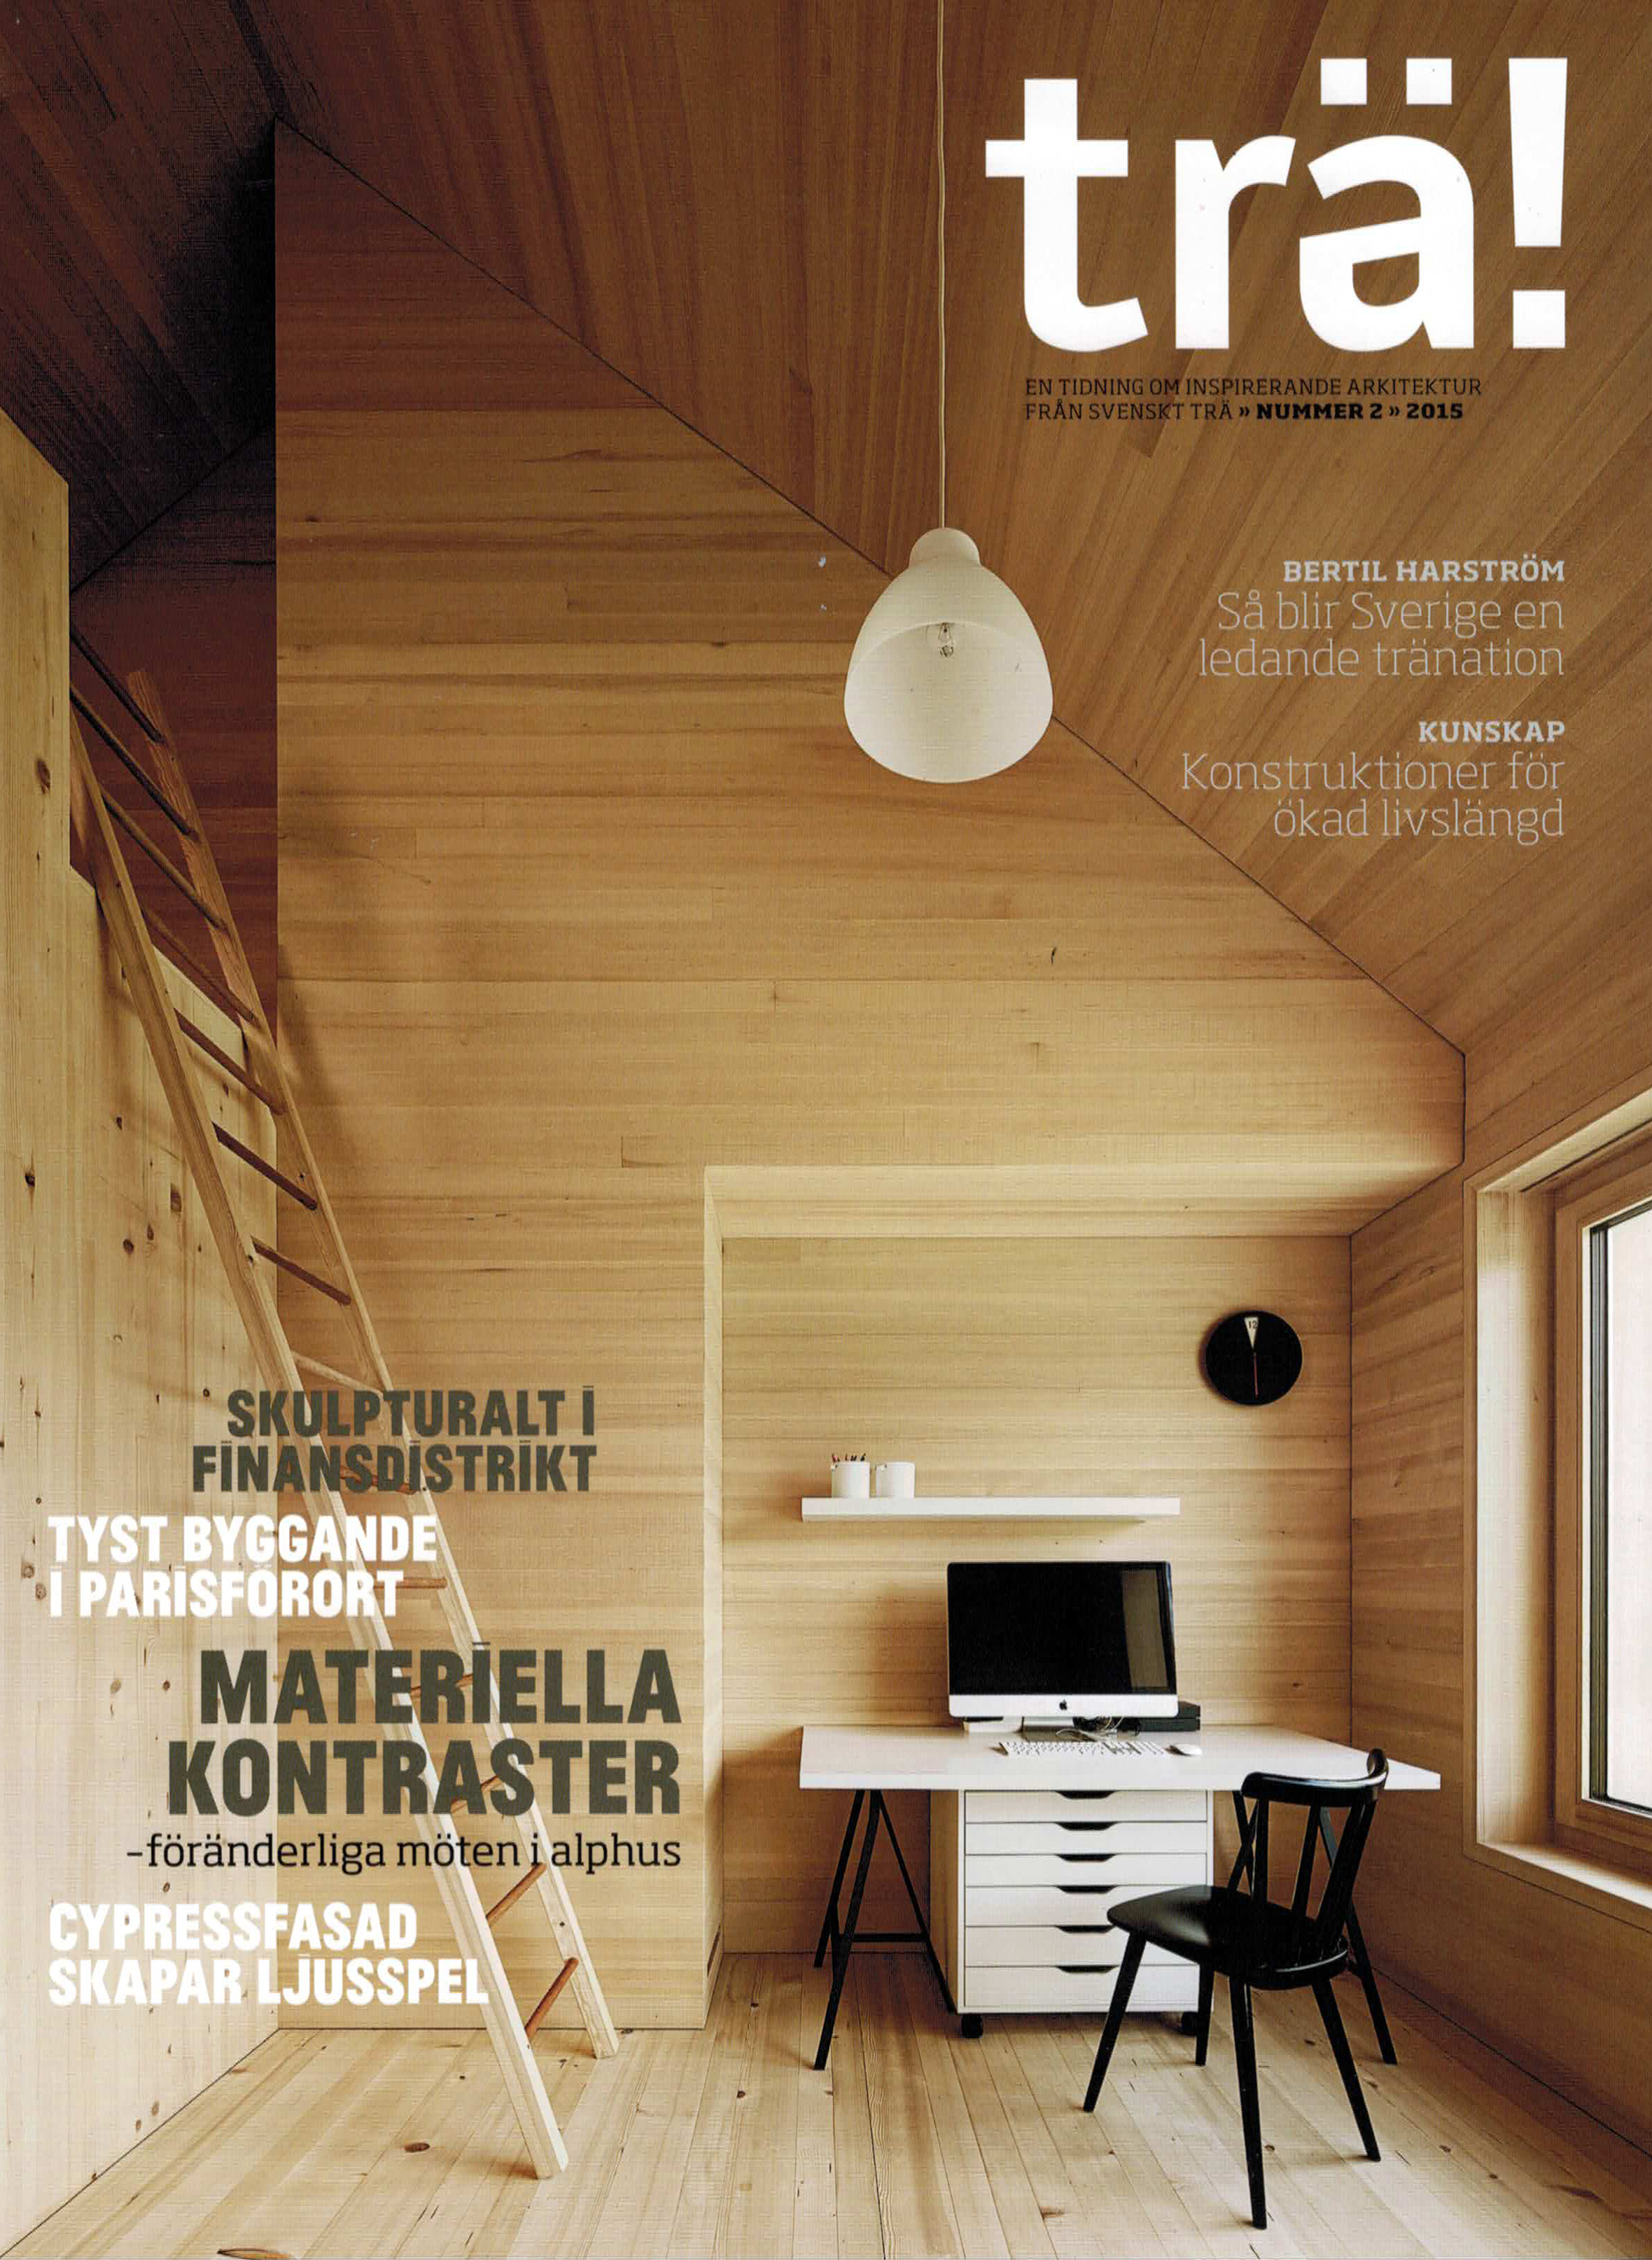 TRA! MAGAZINE  No. 2 / 2015